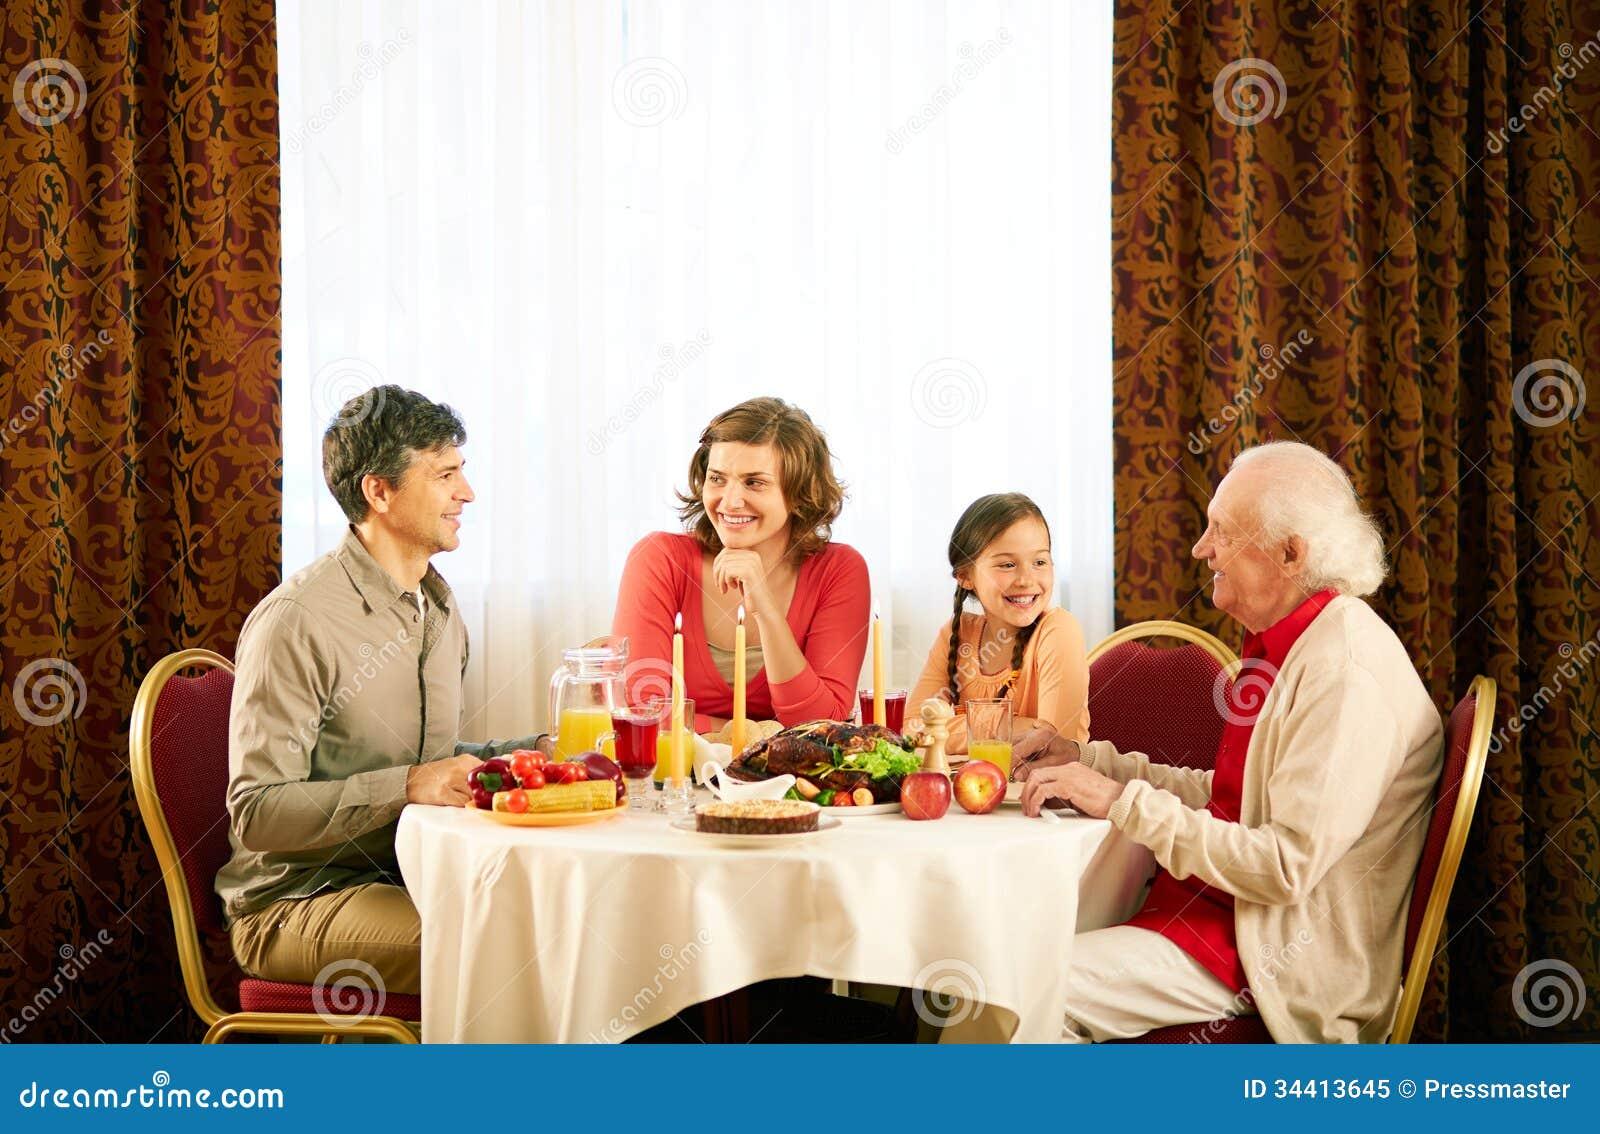 zu abend essen stockbild bild von vater abendessen 34413645. Black Bedroom Furniture Sets. Home Design Ideas